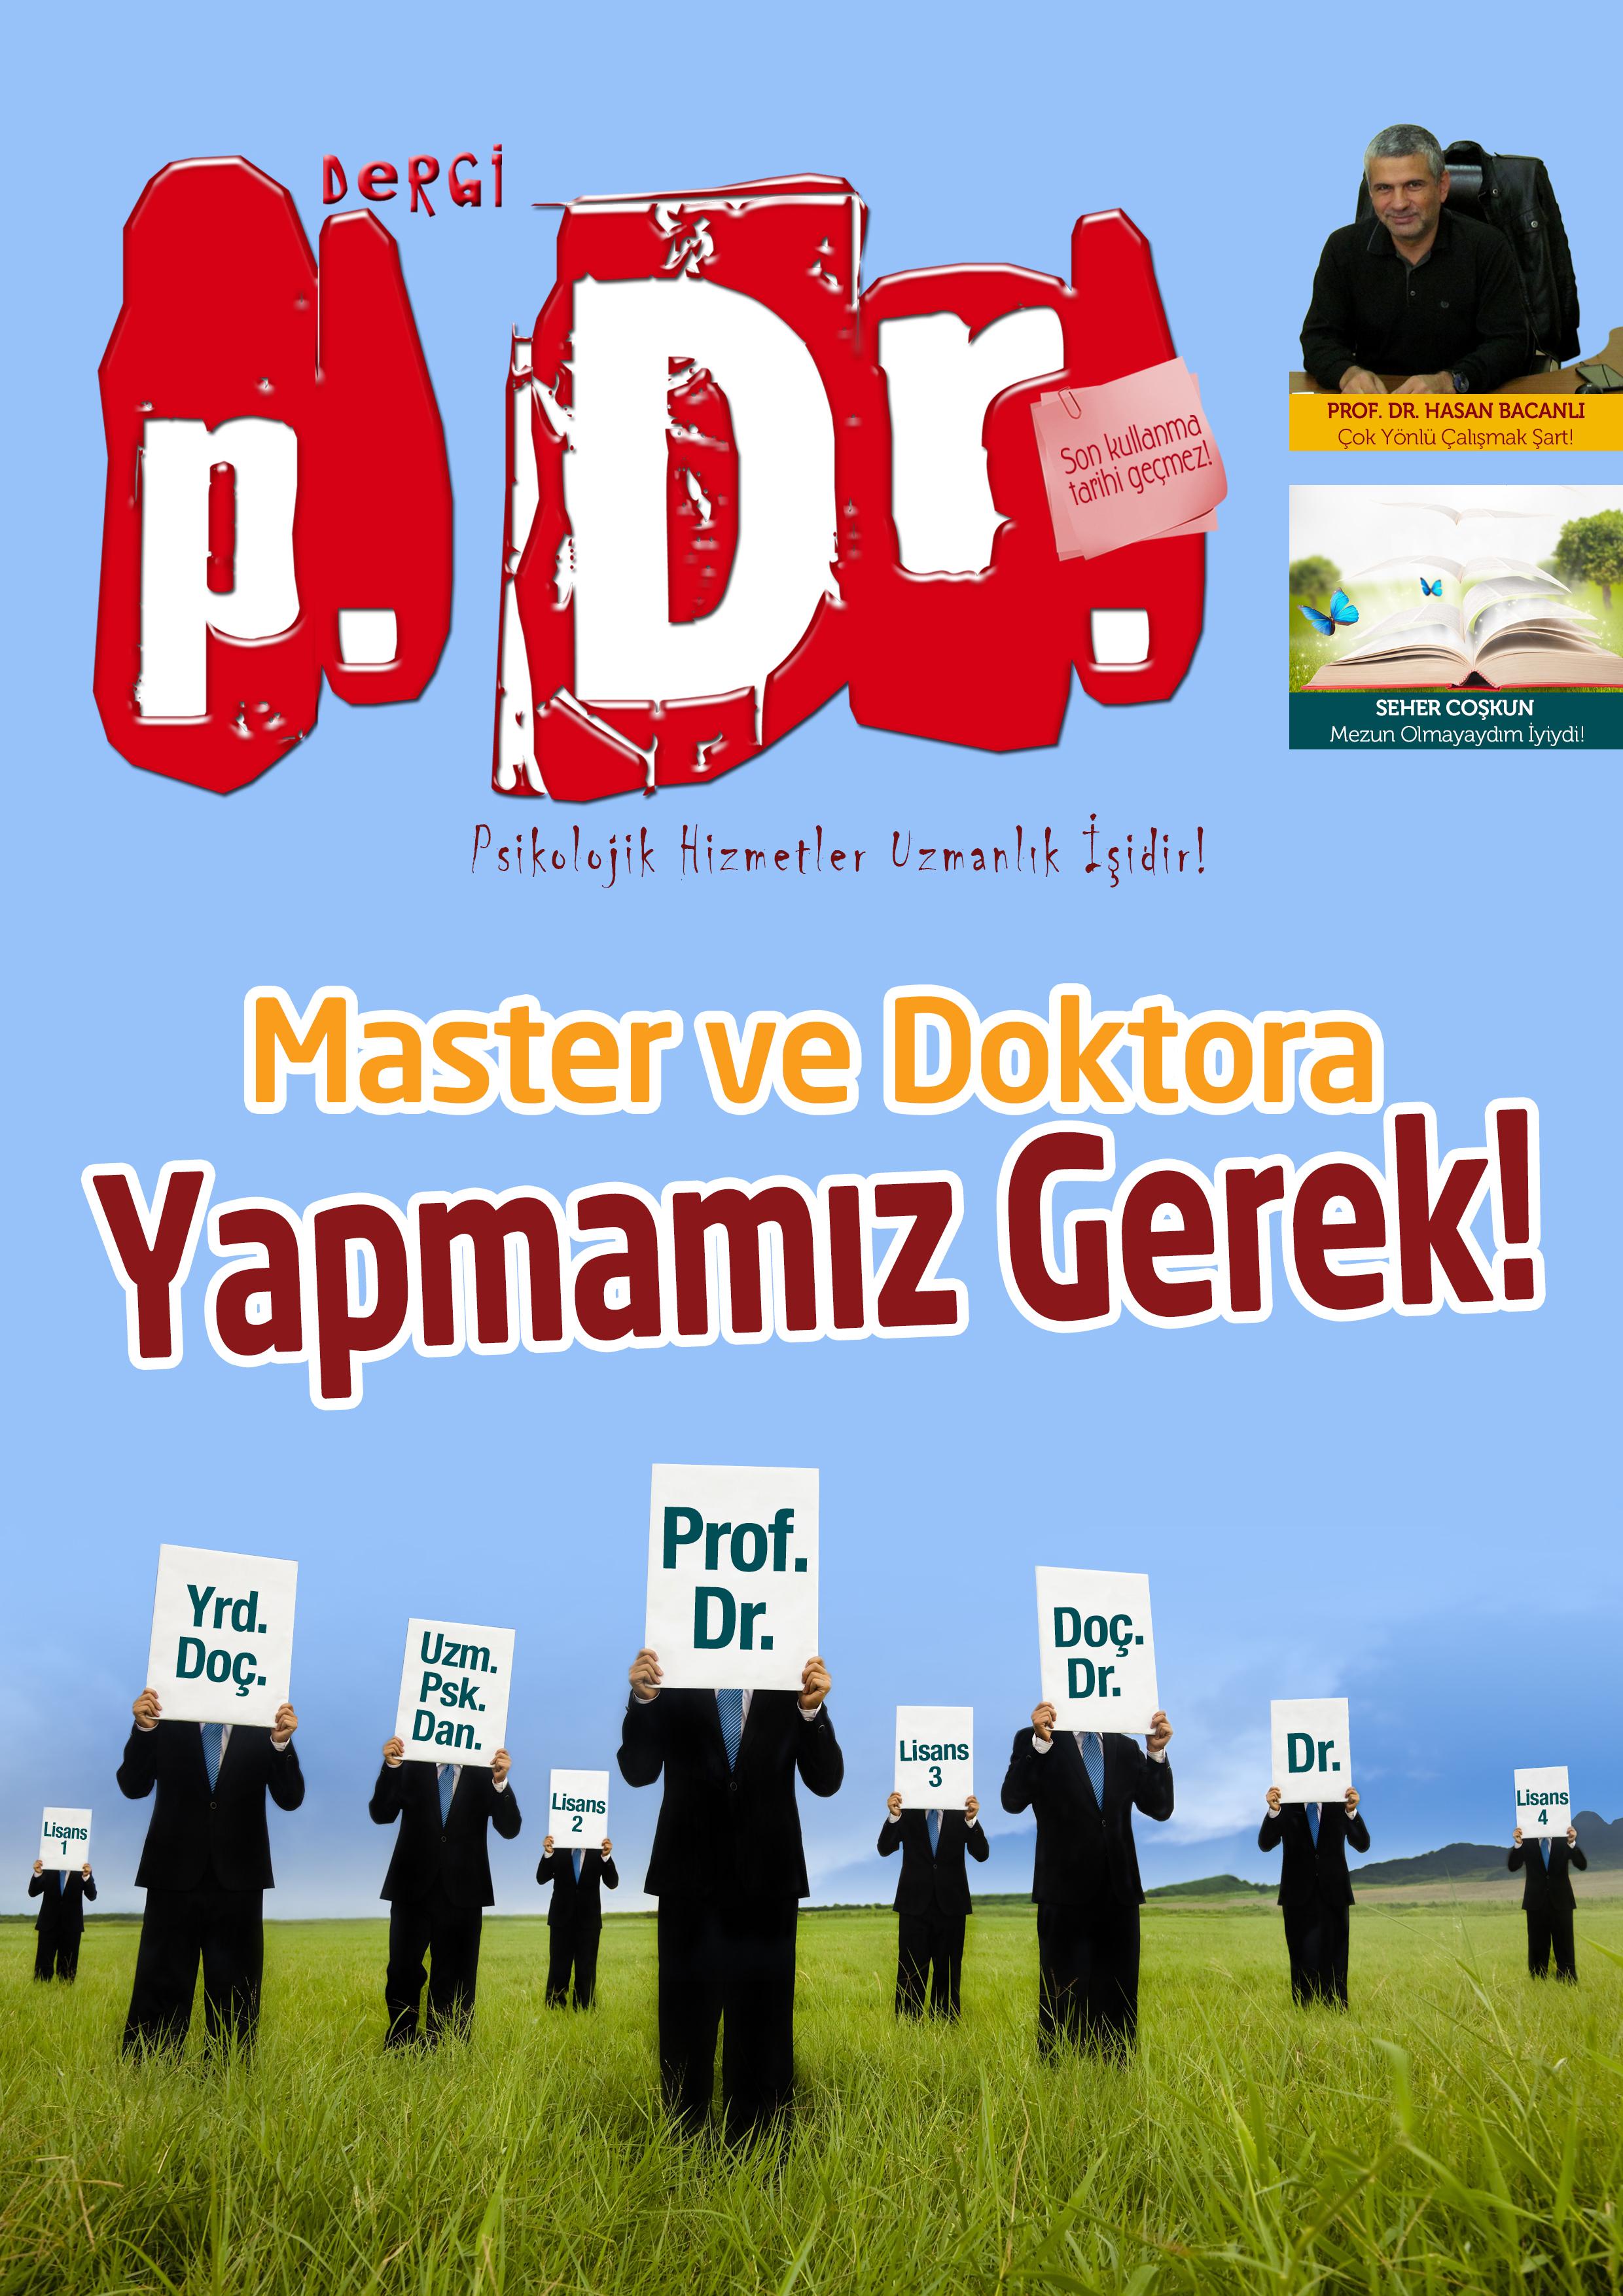 Dergi P.Dr. Aralık-Ocak 2013 Sayısı Çıktı!